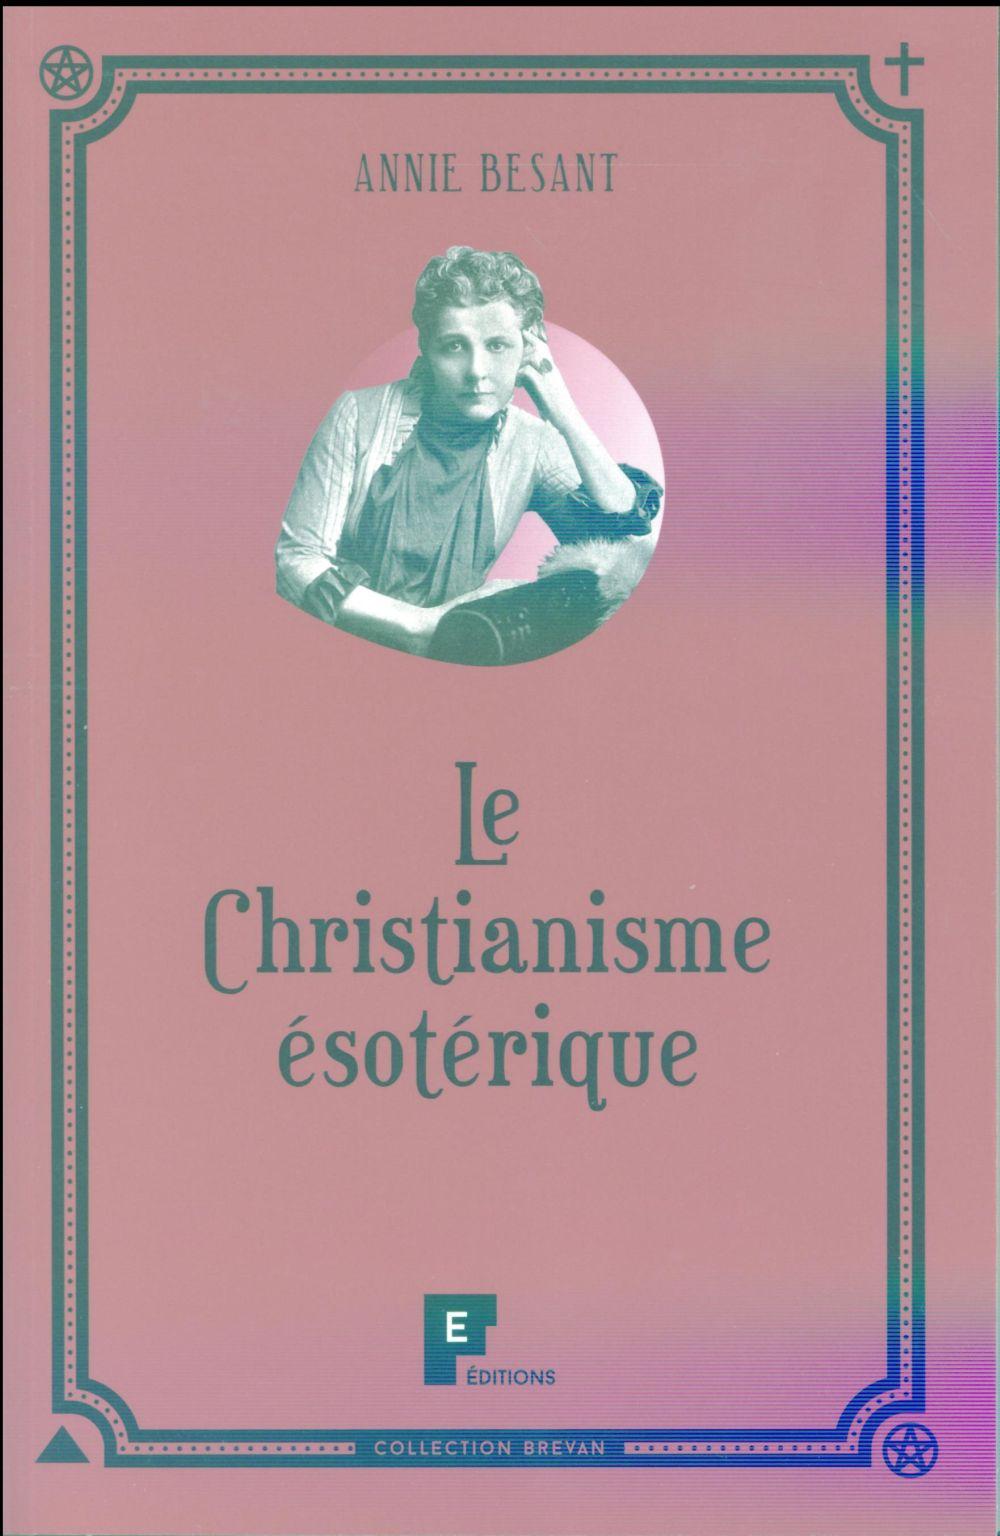 NR LE CHRISTIANISME ESOTERIQUE